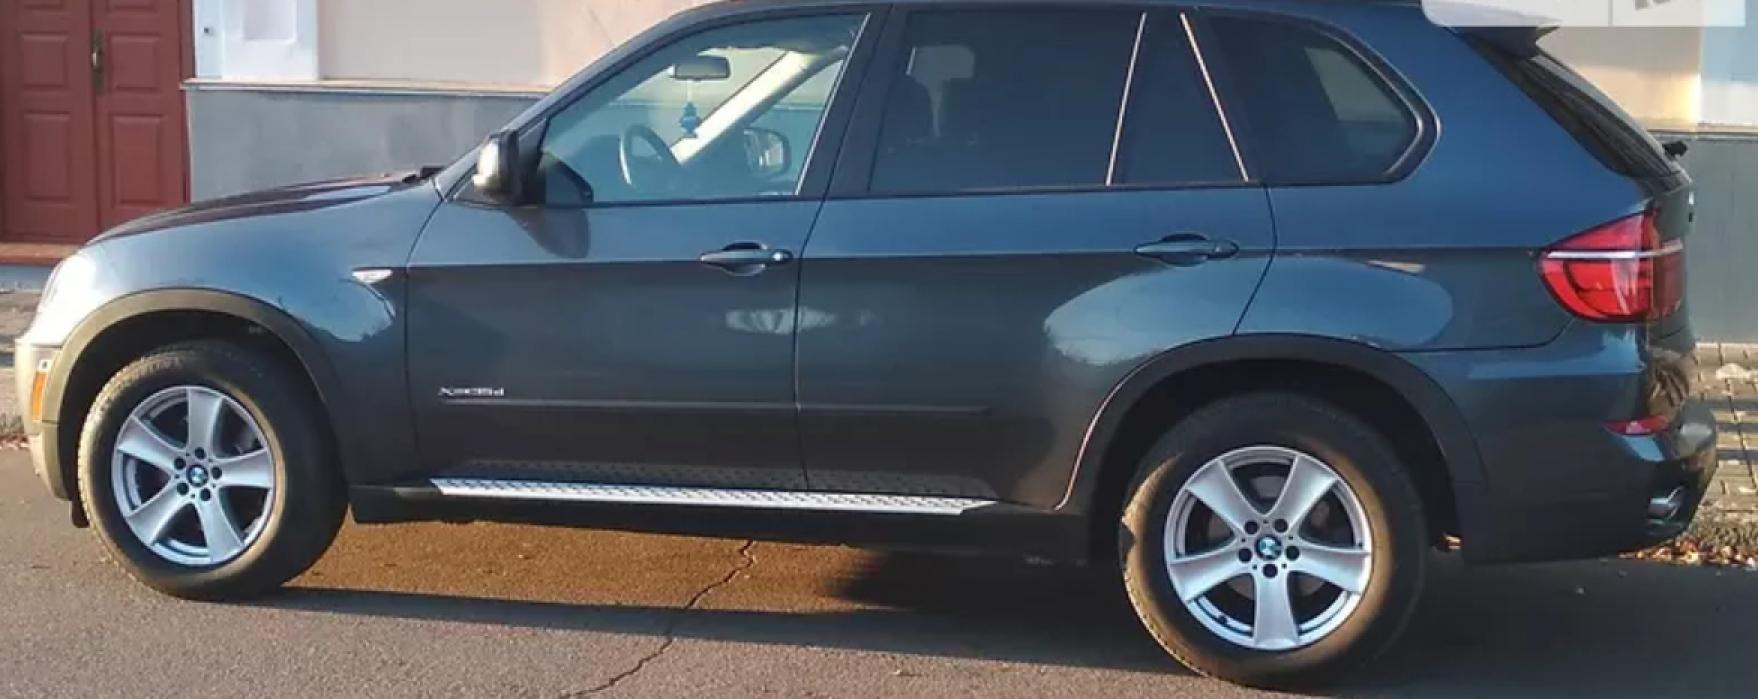 BMW X5 2011 Авто из Польща